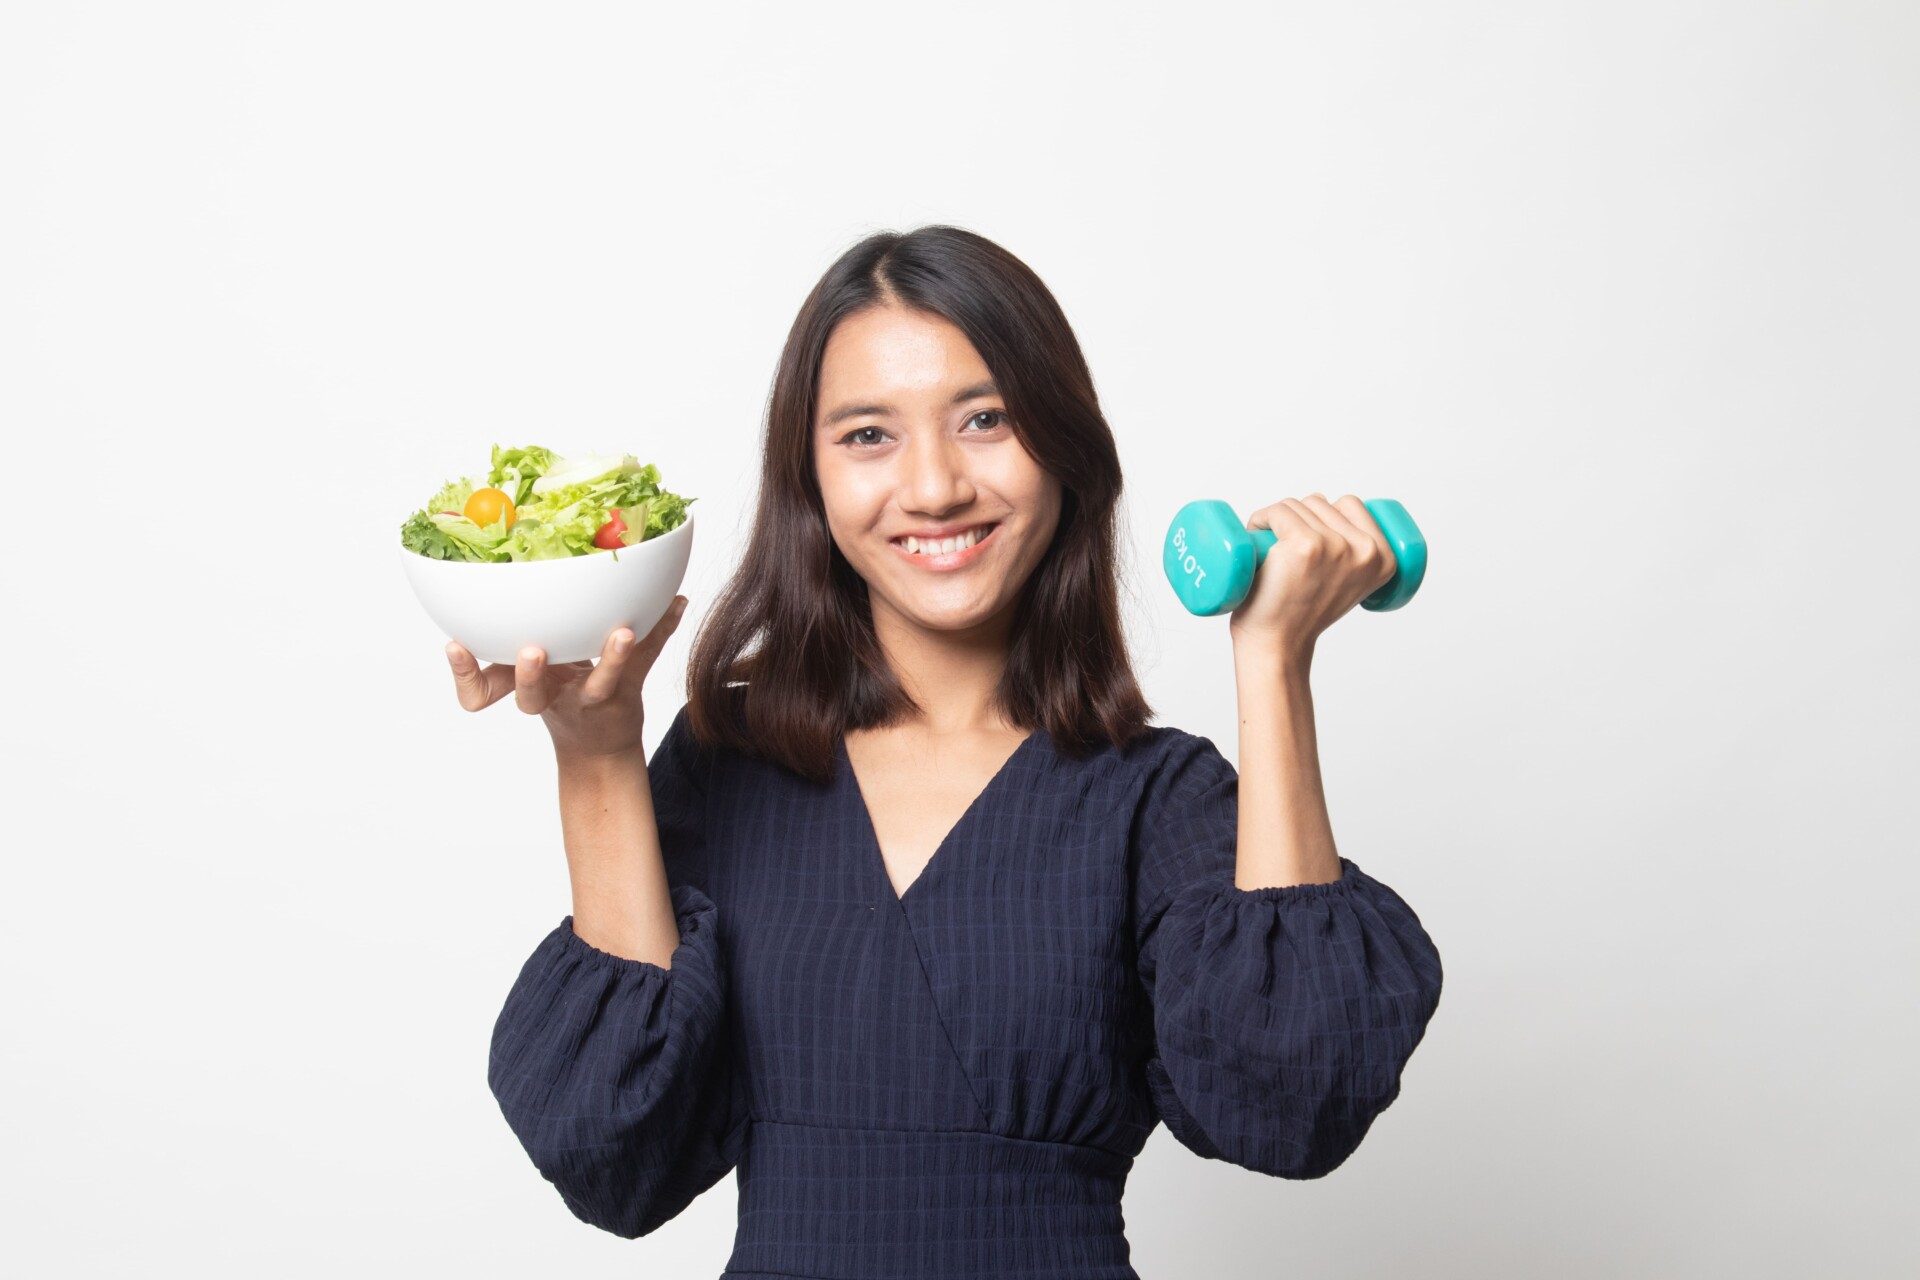 女性がダンベルと野菜を持っている